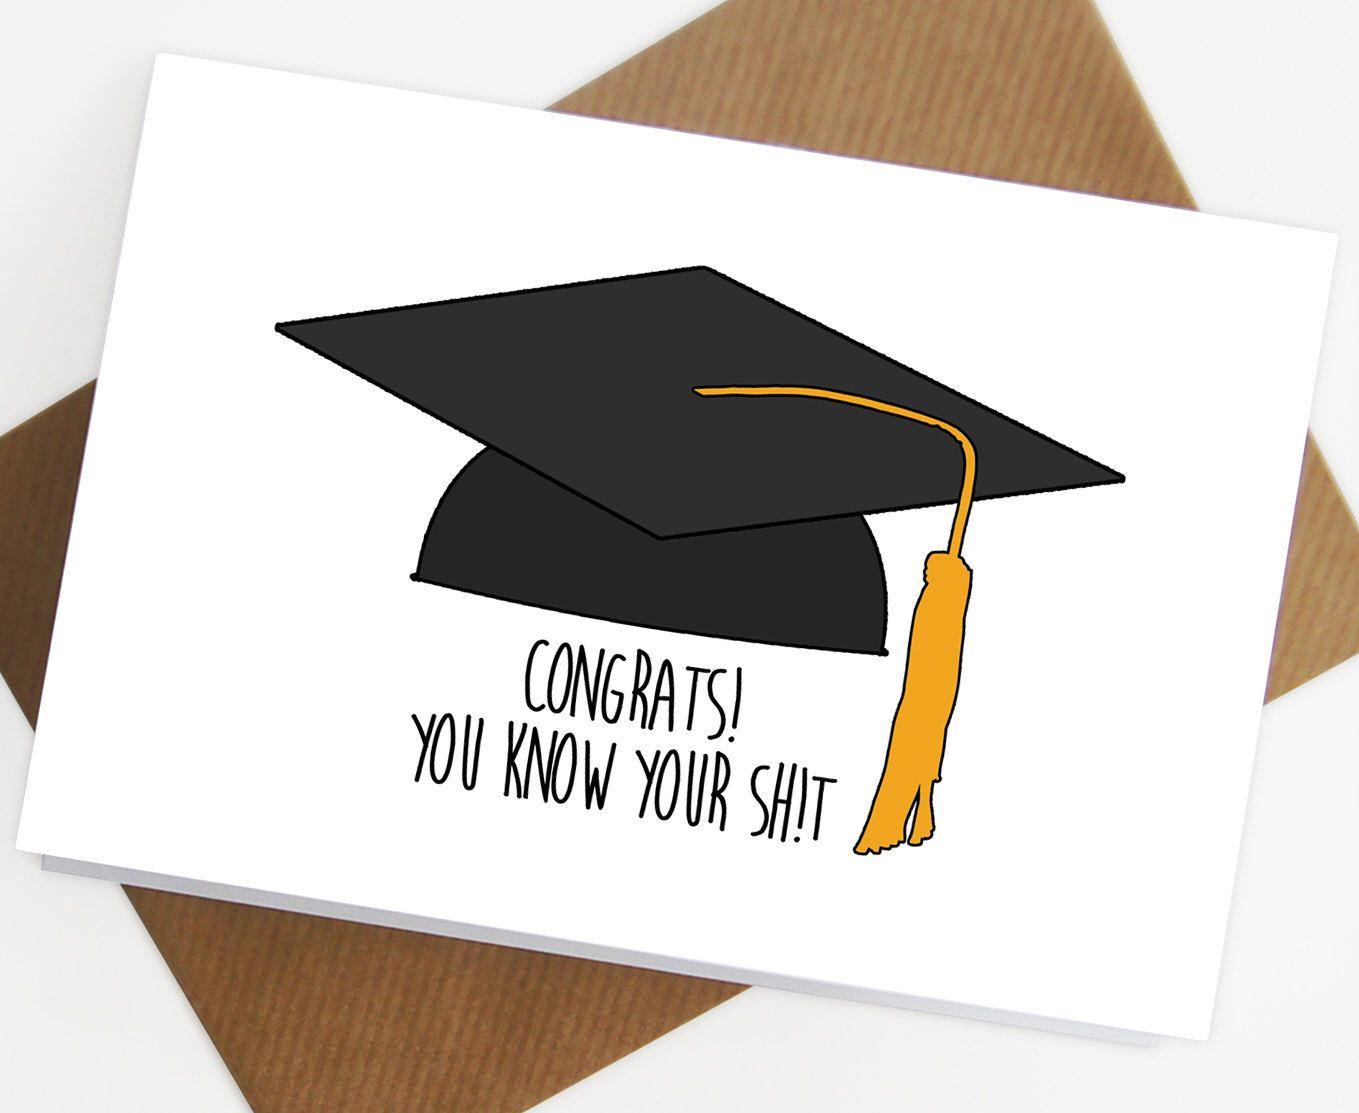 Photo of Abschlusskarte, Glückwünsche zu Ihrem Abschluss, lustige Abschlusskarte, Abschluss, College, Universität, Glückwunsch, den Sie bestanden haben, klug